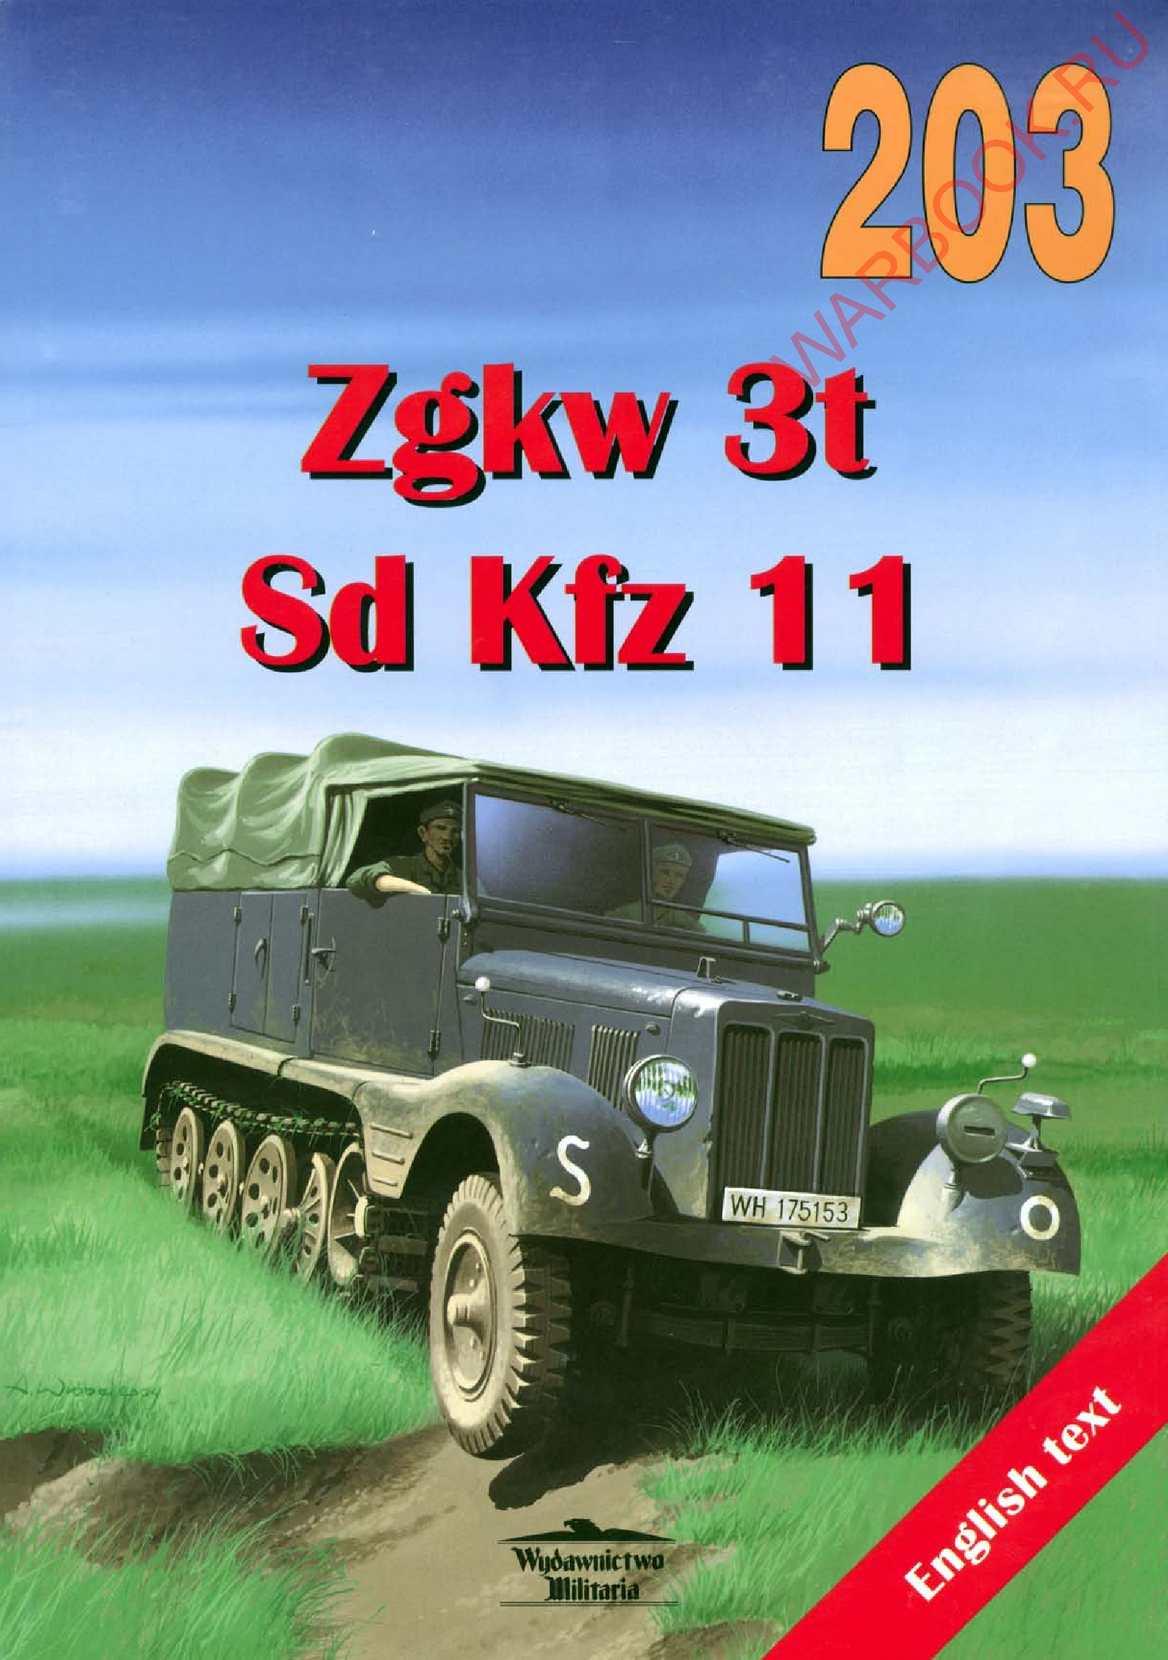 Wydawnictwo Militaria 203 Zgkw 3t Sd Kfz 11